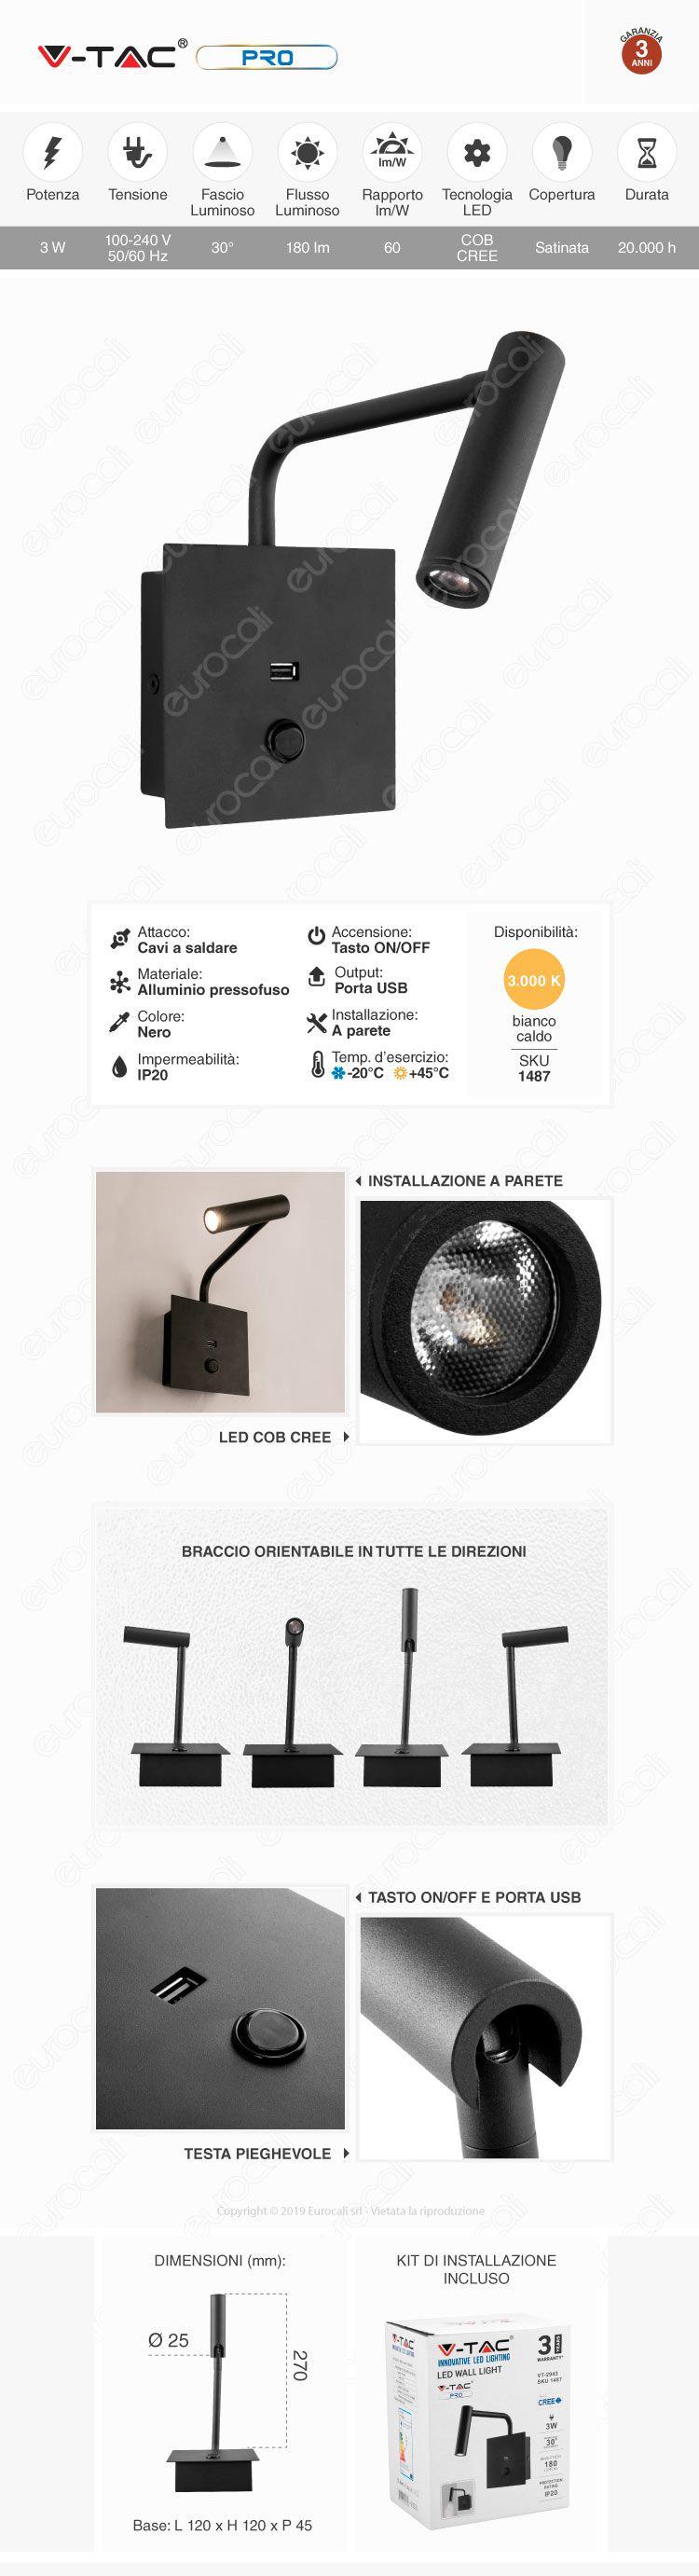 V-Tac PRO VT-2943 Lampada da Muro Wall Light LED CREE 3W Colore Nero con USB